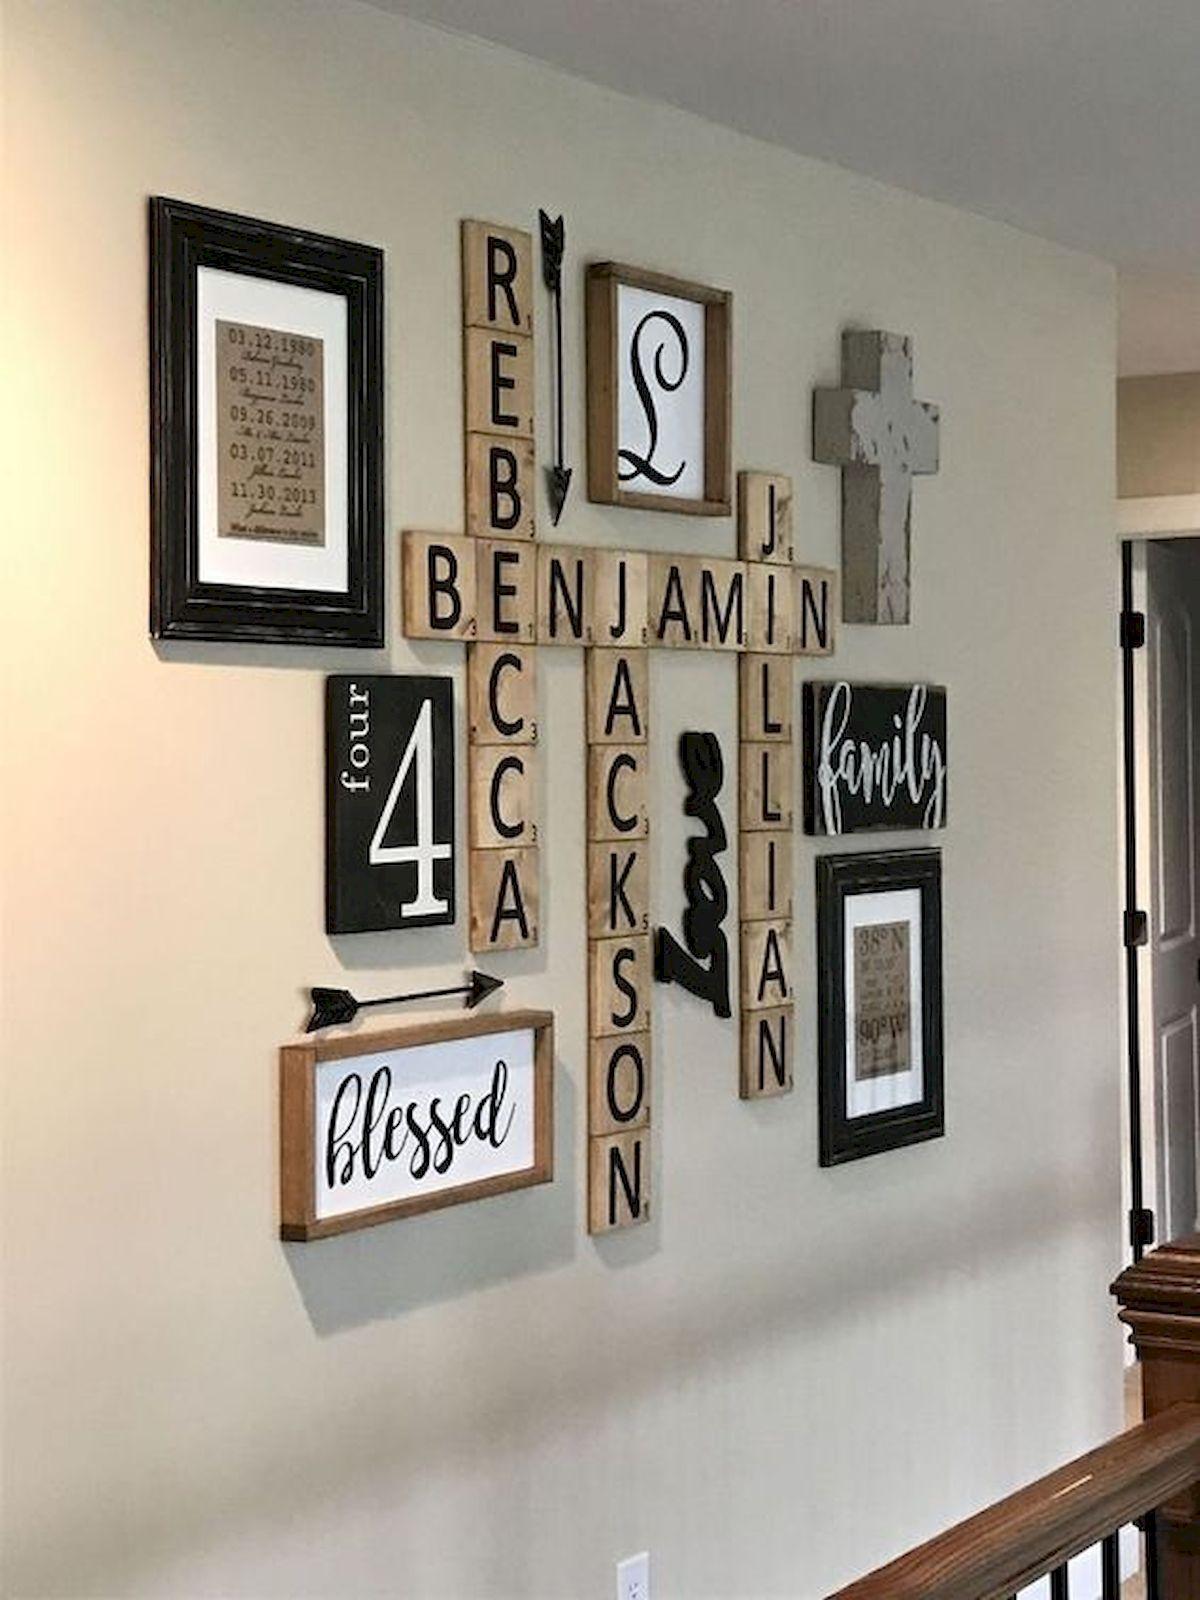 30 Easy Diy Pallet Wall Art Ideas Diy Pallet Wall Art Scrabble Wall Art Scrabble Wall